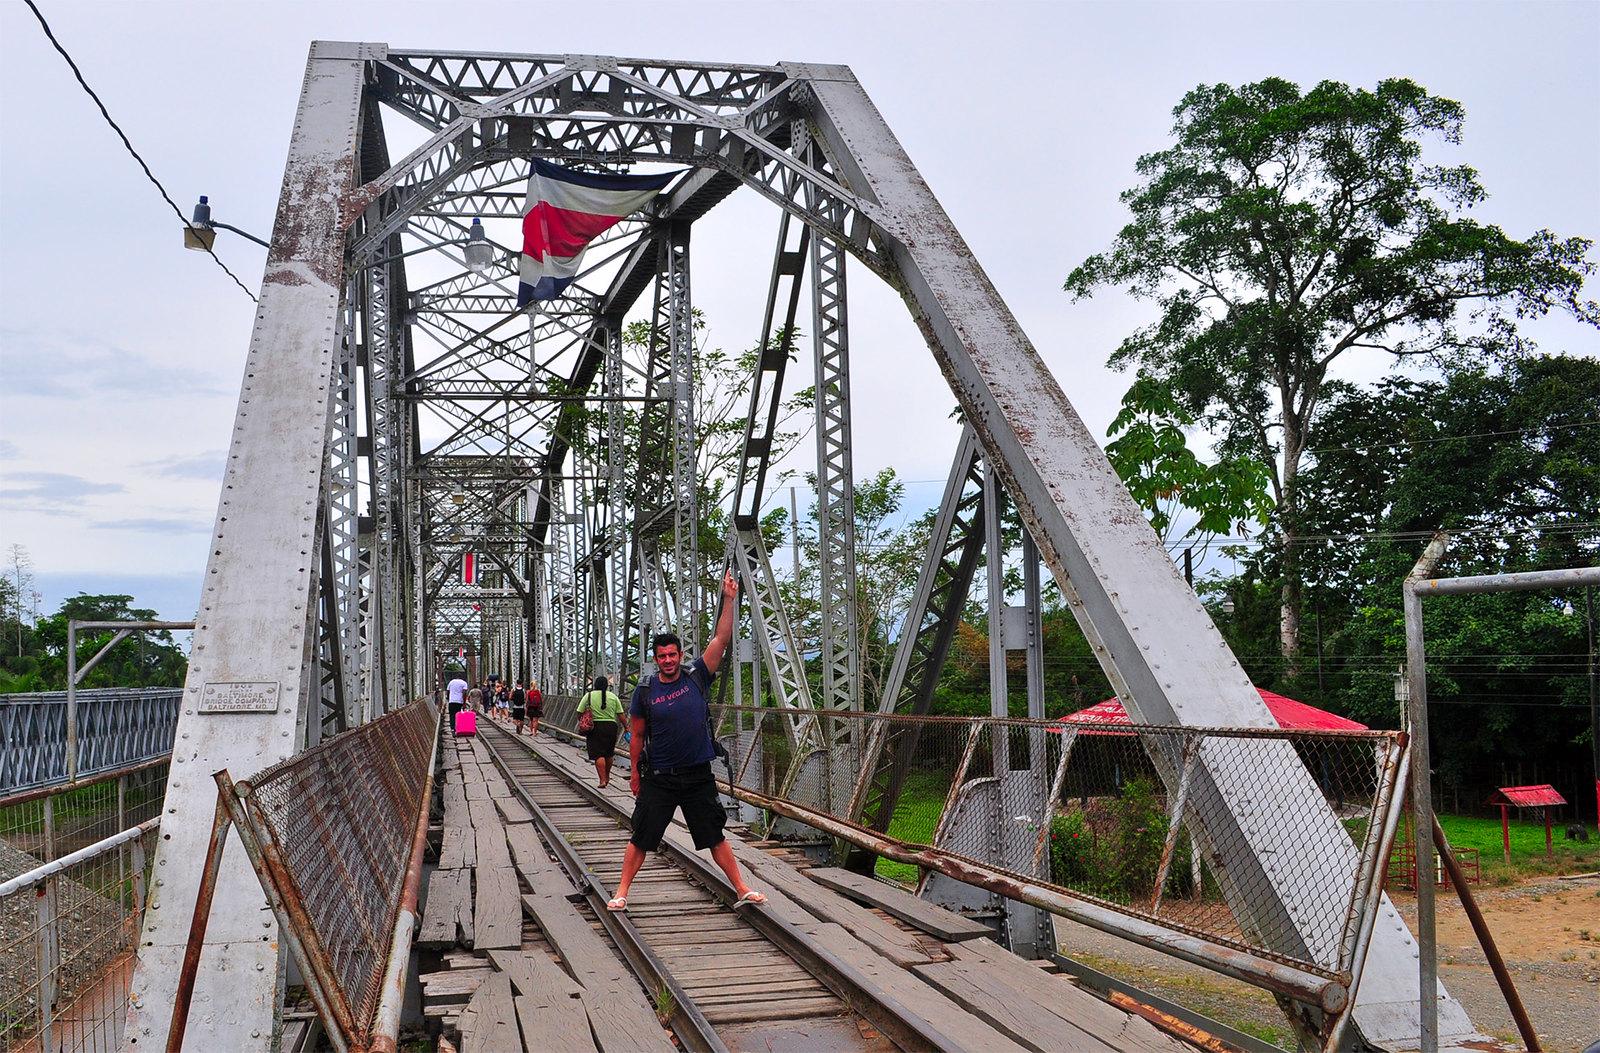 Viajar a Costa Rica / Ruta por Costa Rica en 3 semanas ruta por costa rica - 38248970561 2d22621199 h - Ruta por Costa Rica en 3 semanas